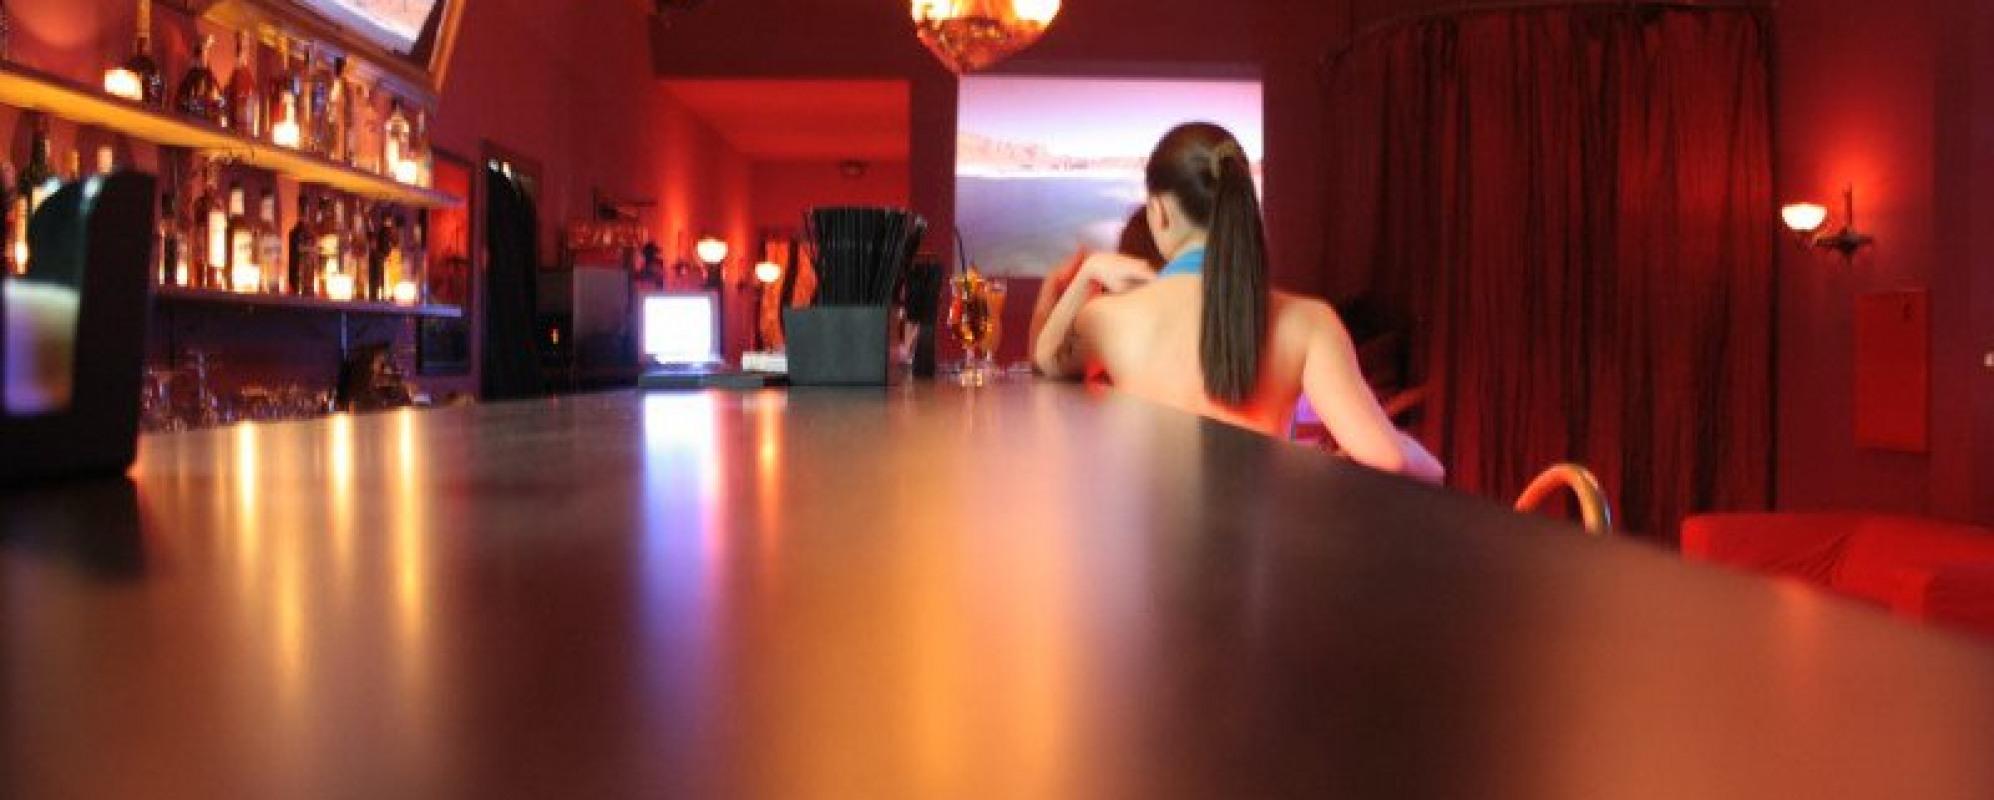 Стриптиз клубы ясенево стрептиз ночной клуб онлайн